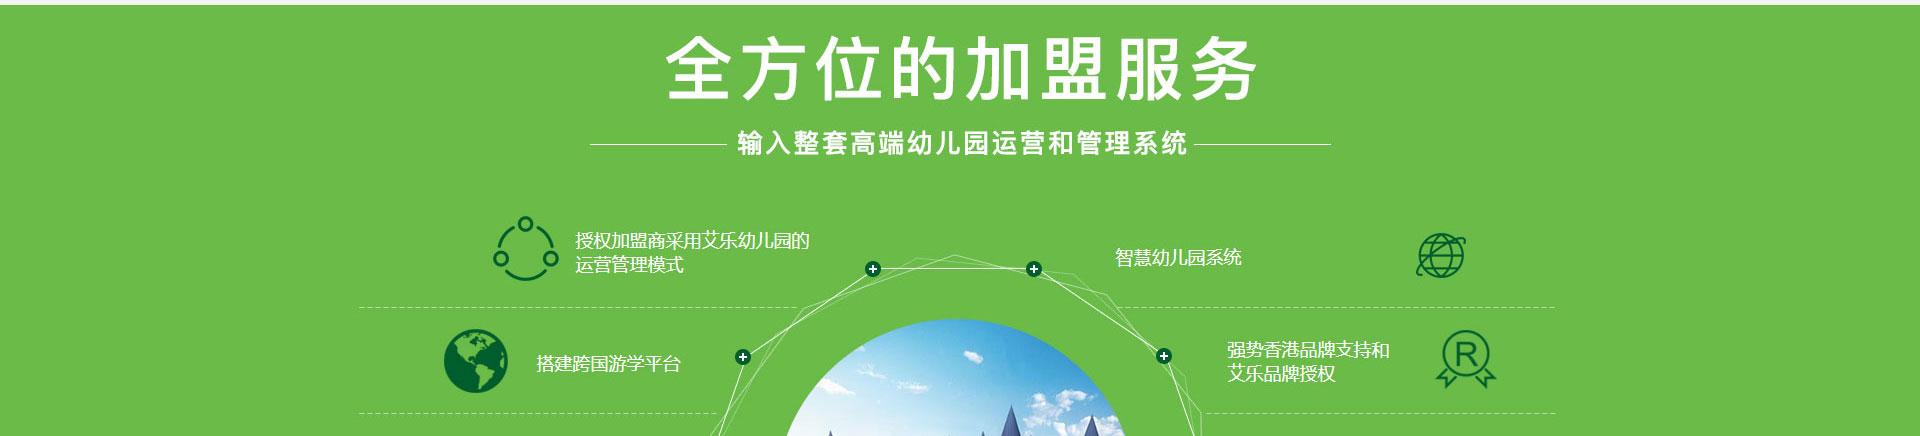 香港艾乐国际幼儿园al_10